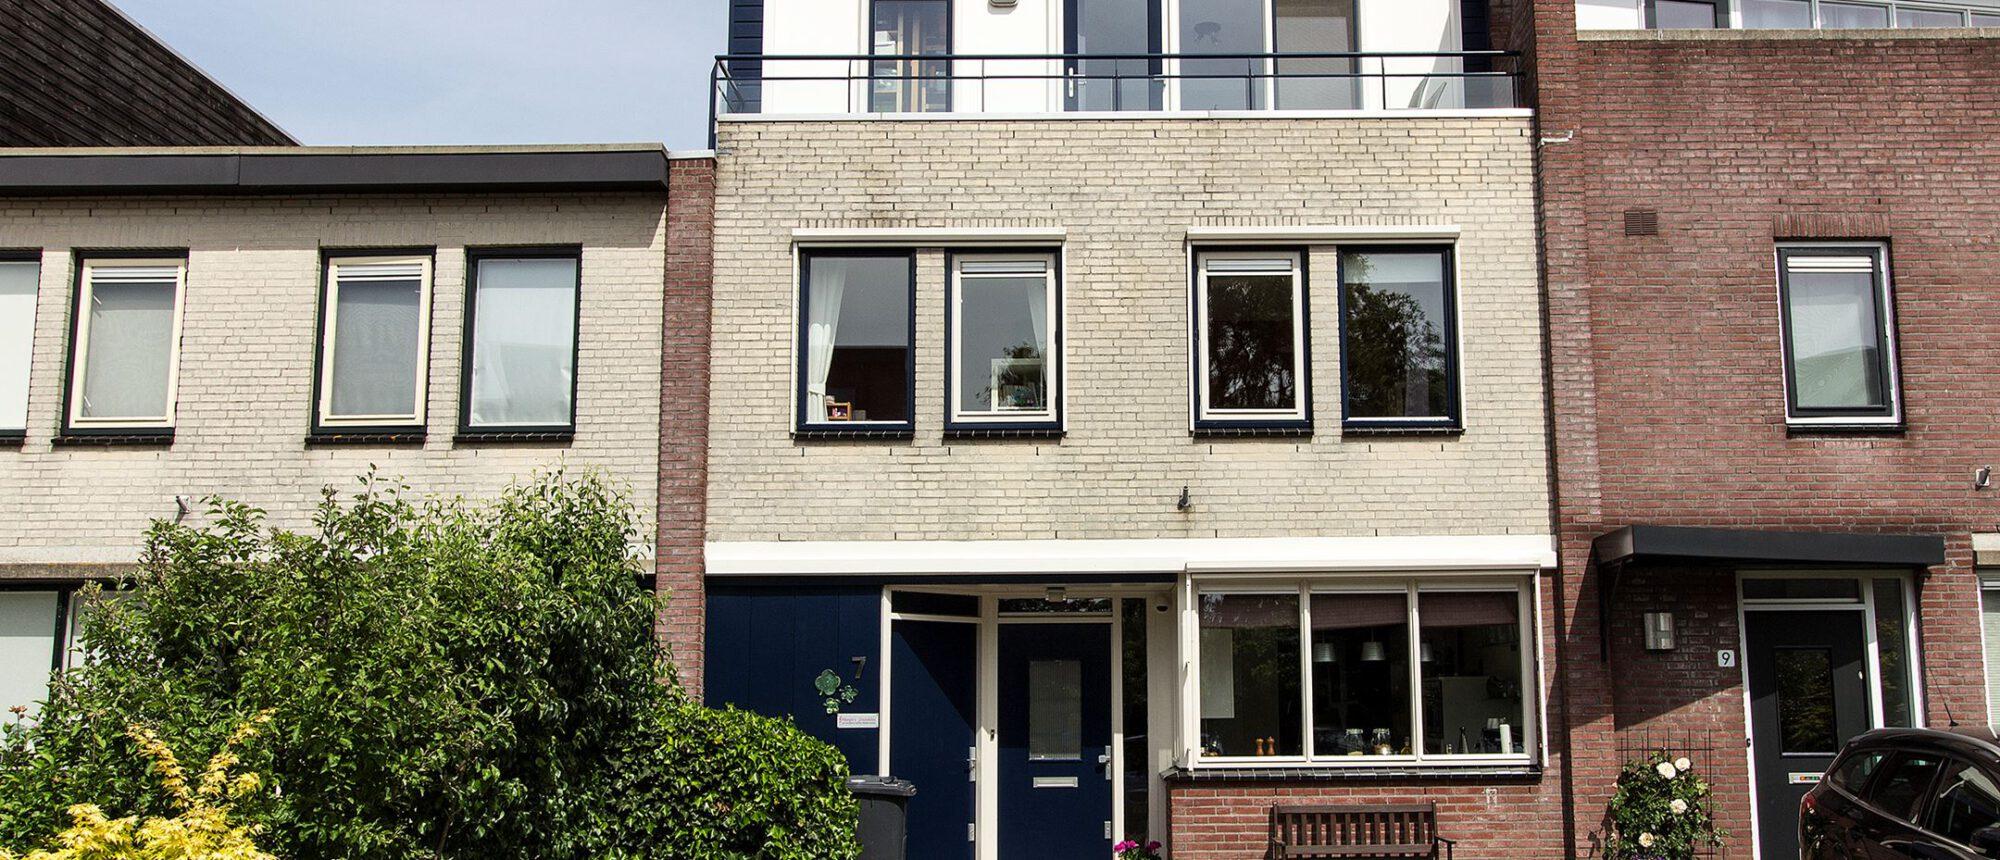 Verdistraat 7 Goverwelle Gouda